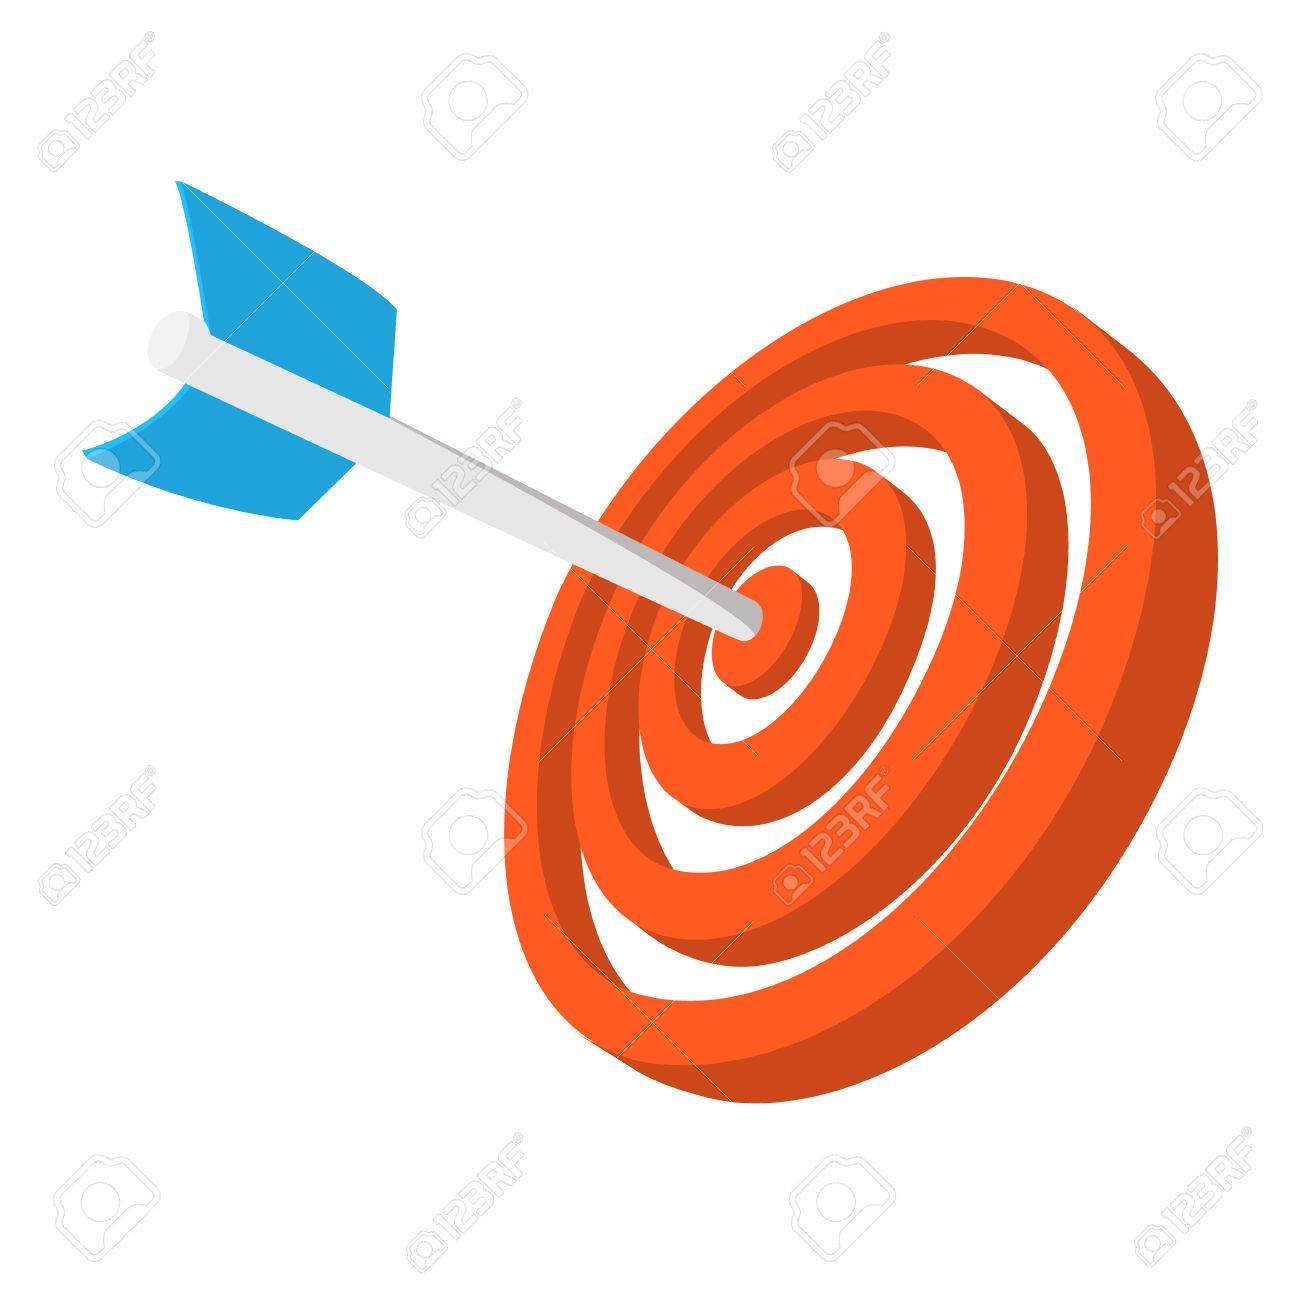 Cible avec l'icône de bande dessinée de fléchettes. Orange et symbole bleu isolé sur un fond blanc Banque d'images - 51175757